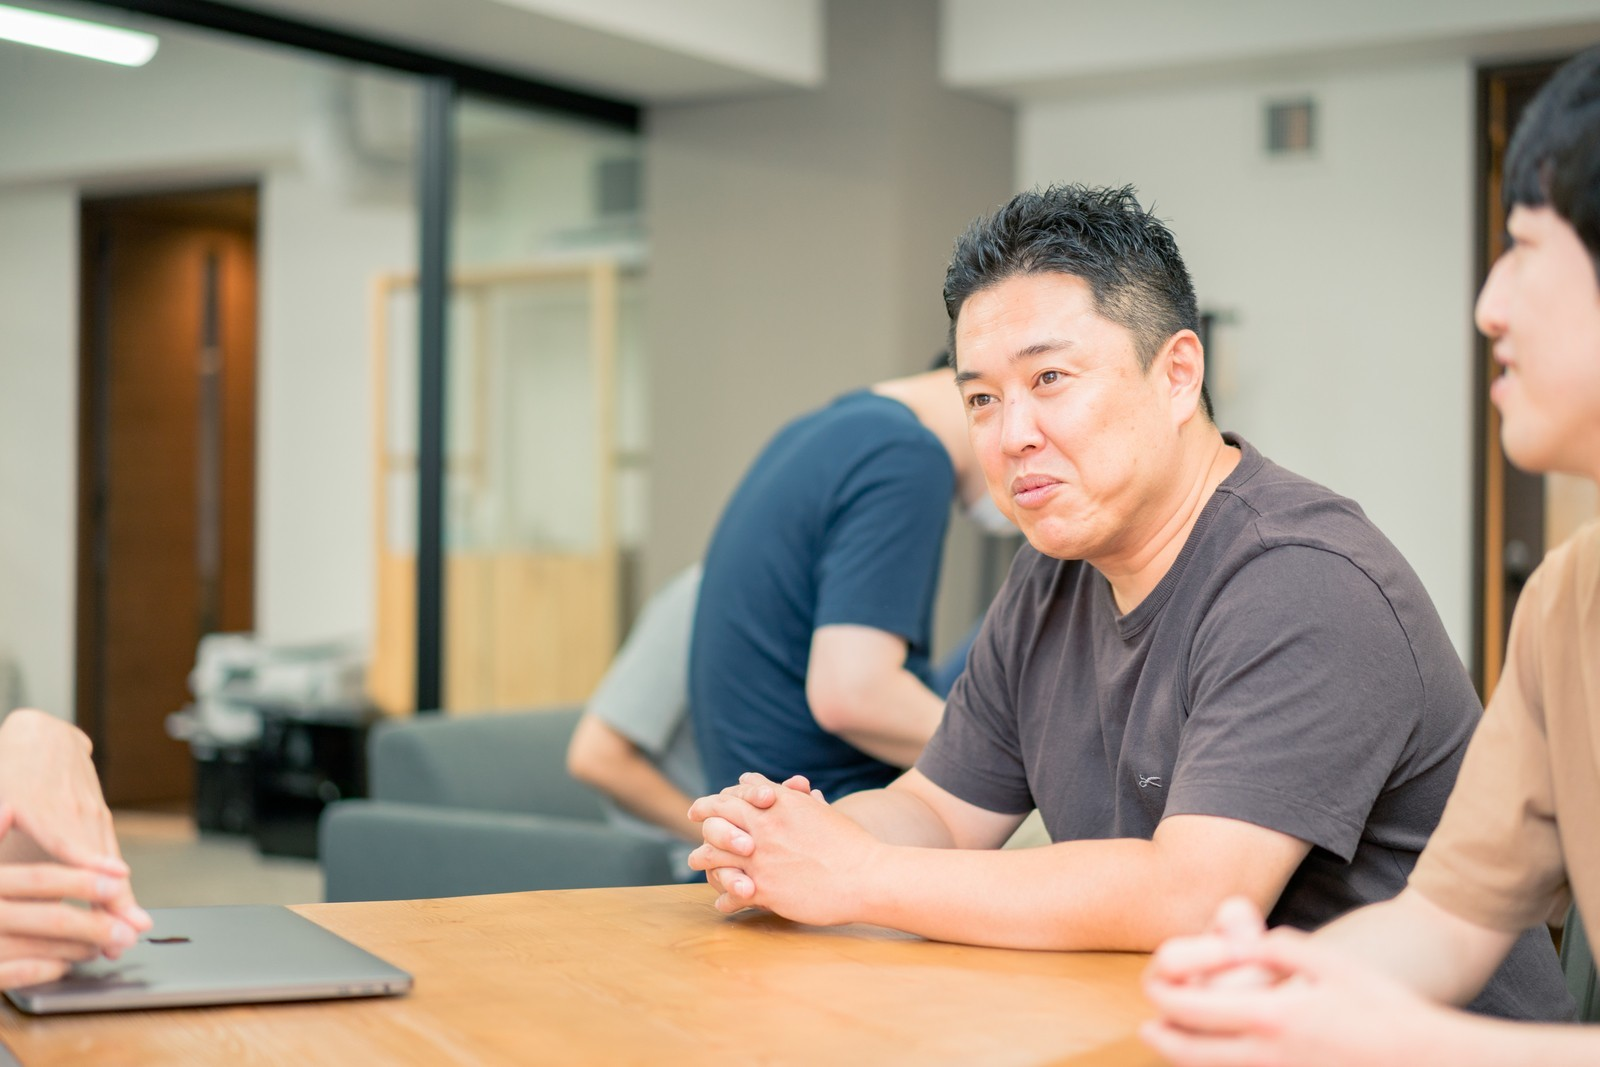 【フロントエンドエンジニア】予測規模6000億円のOOH業界に挑む!プログラマティック看板広告売買プラットフォームの初期メンバー募集!アドテク業界のレジェンドが顧問!